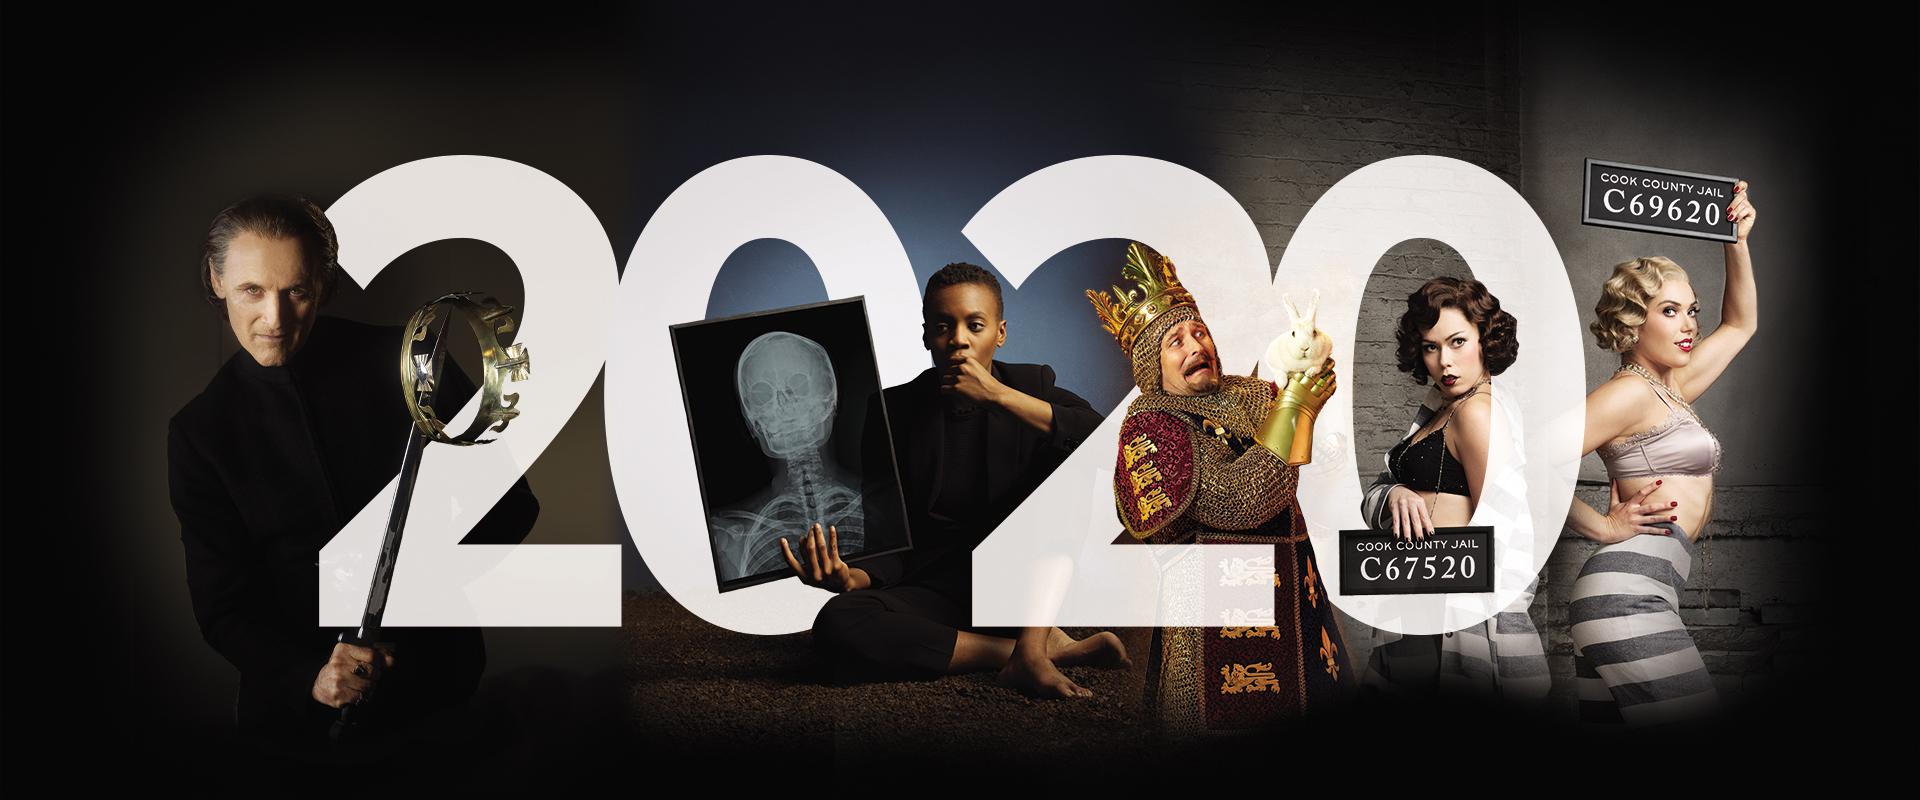 2020 Season Image